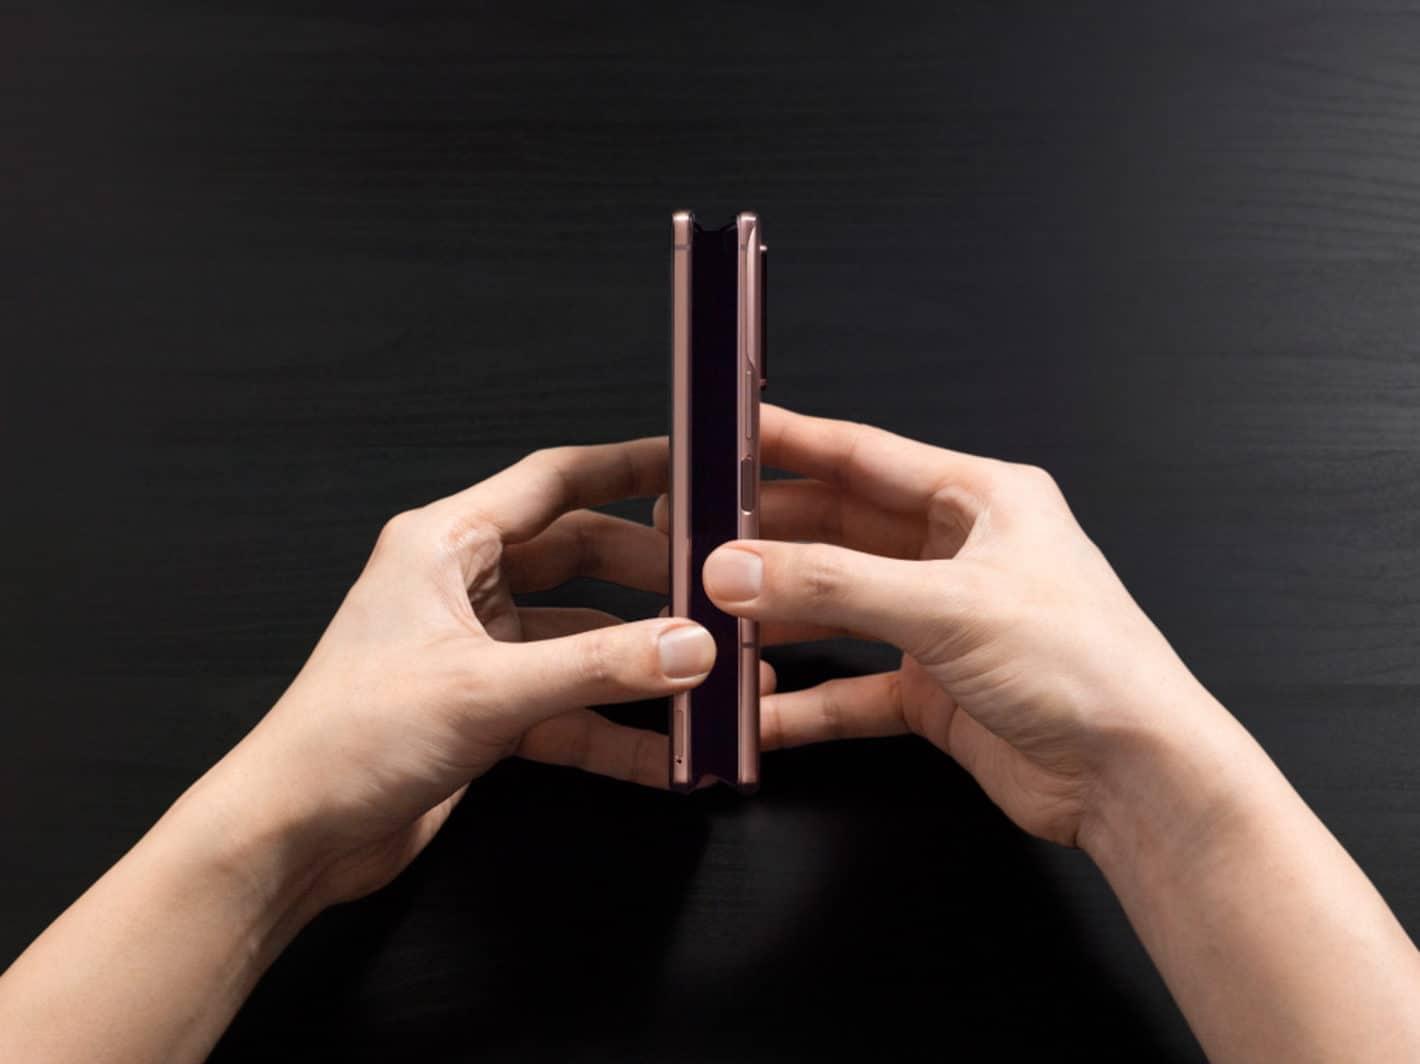 Samsung Galaxy Z Fold 2 2